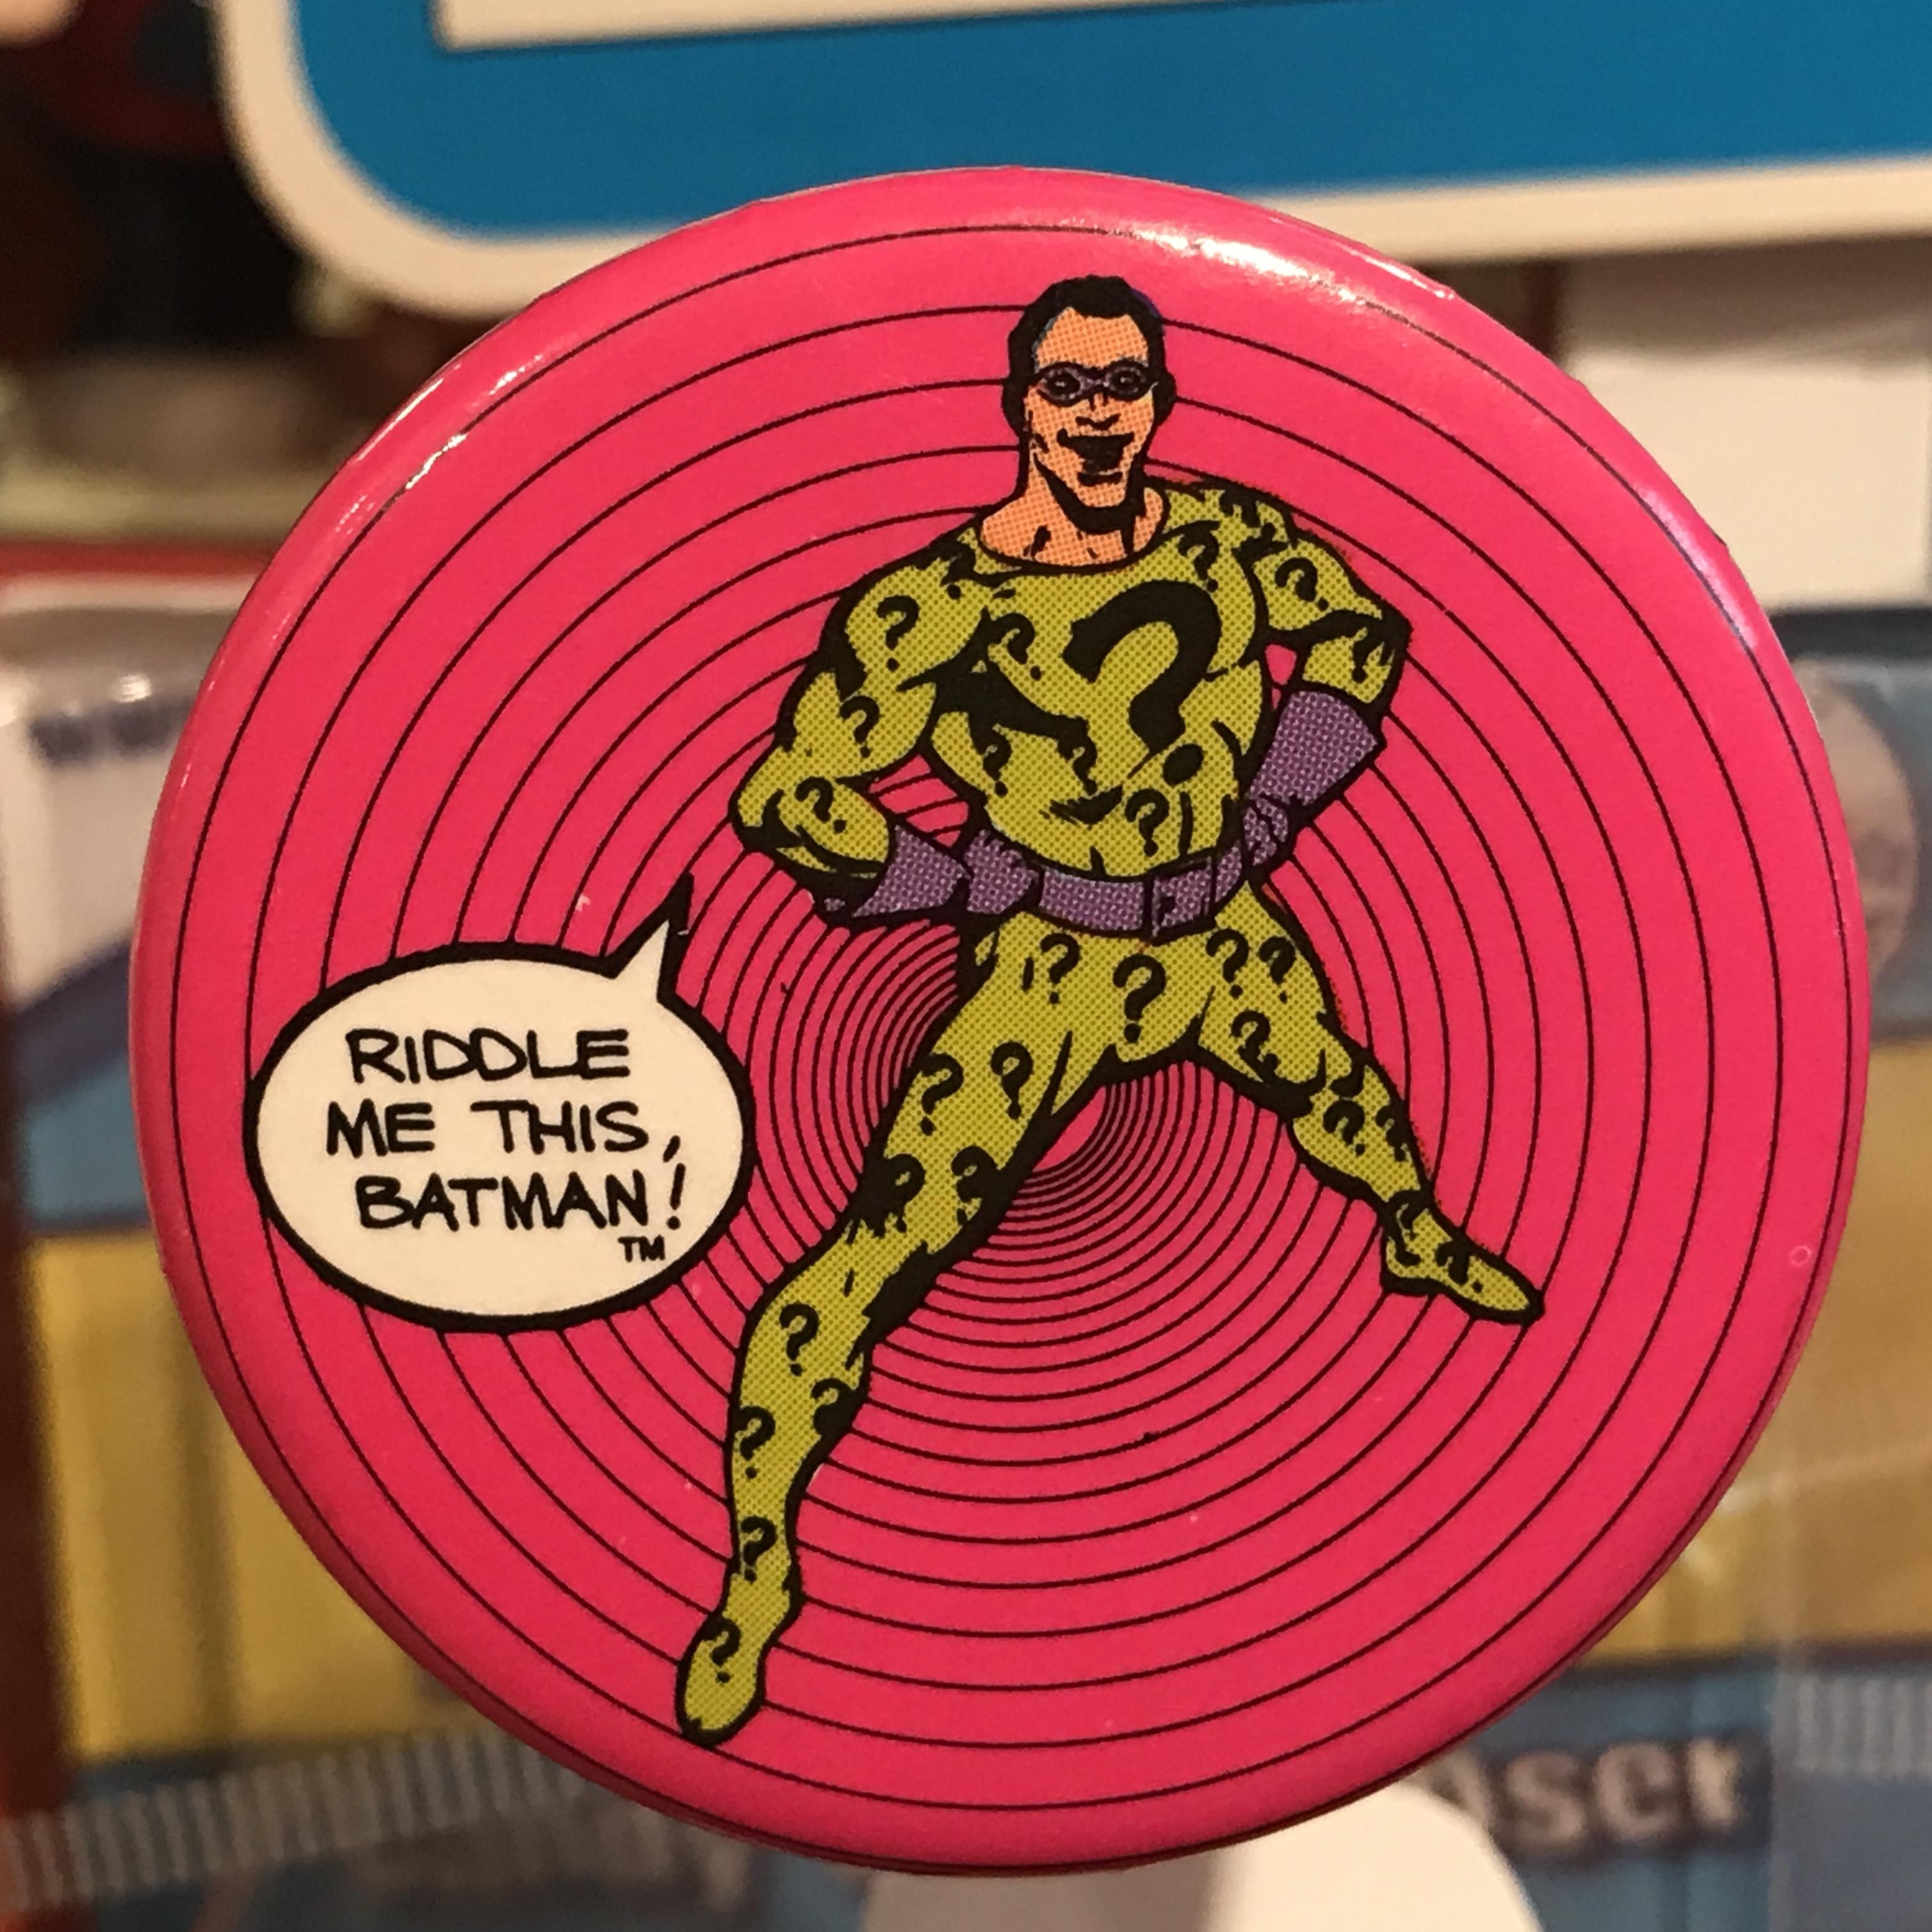 バットマン オールド 缶バッジ リドラー(Riddler)